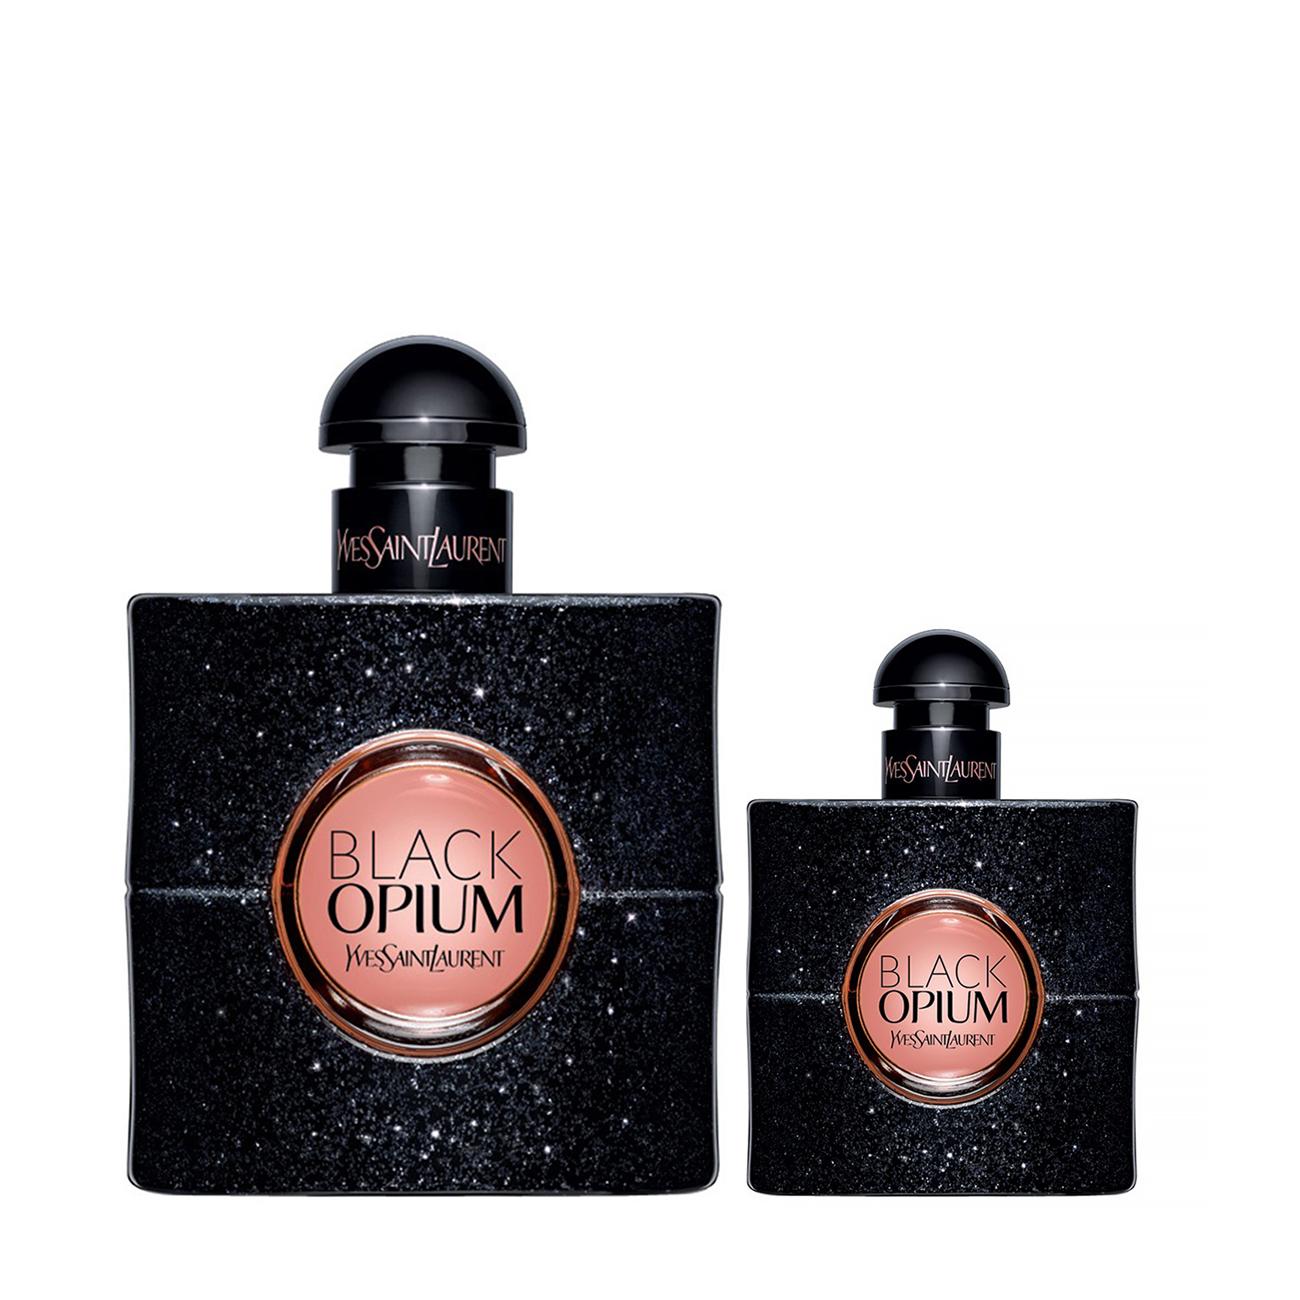 BLACK OPIUM SET 58ml imagine produs